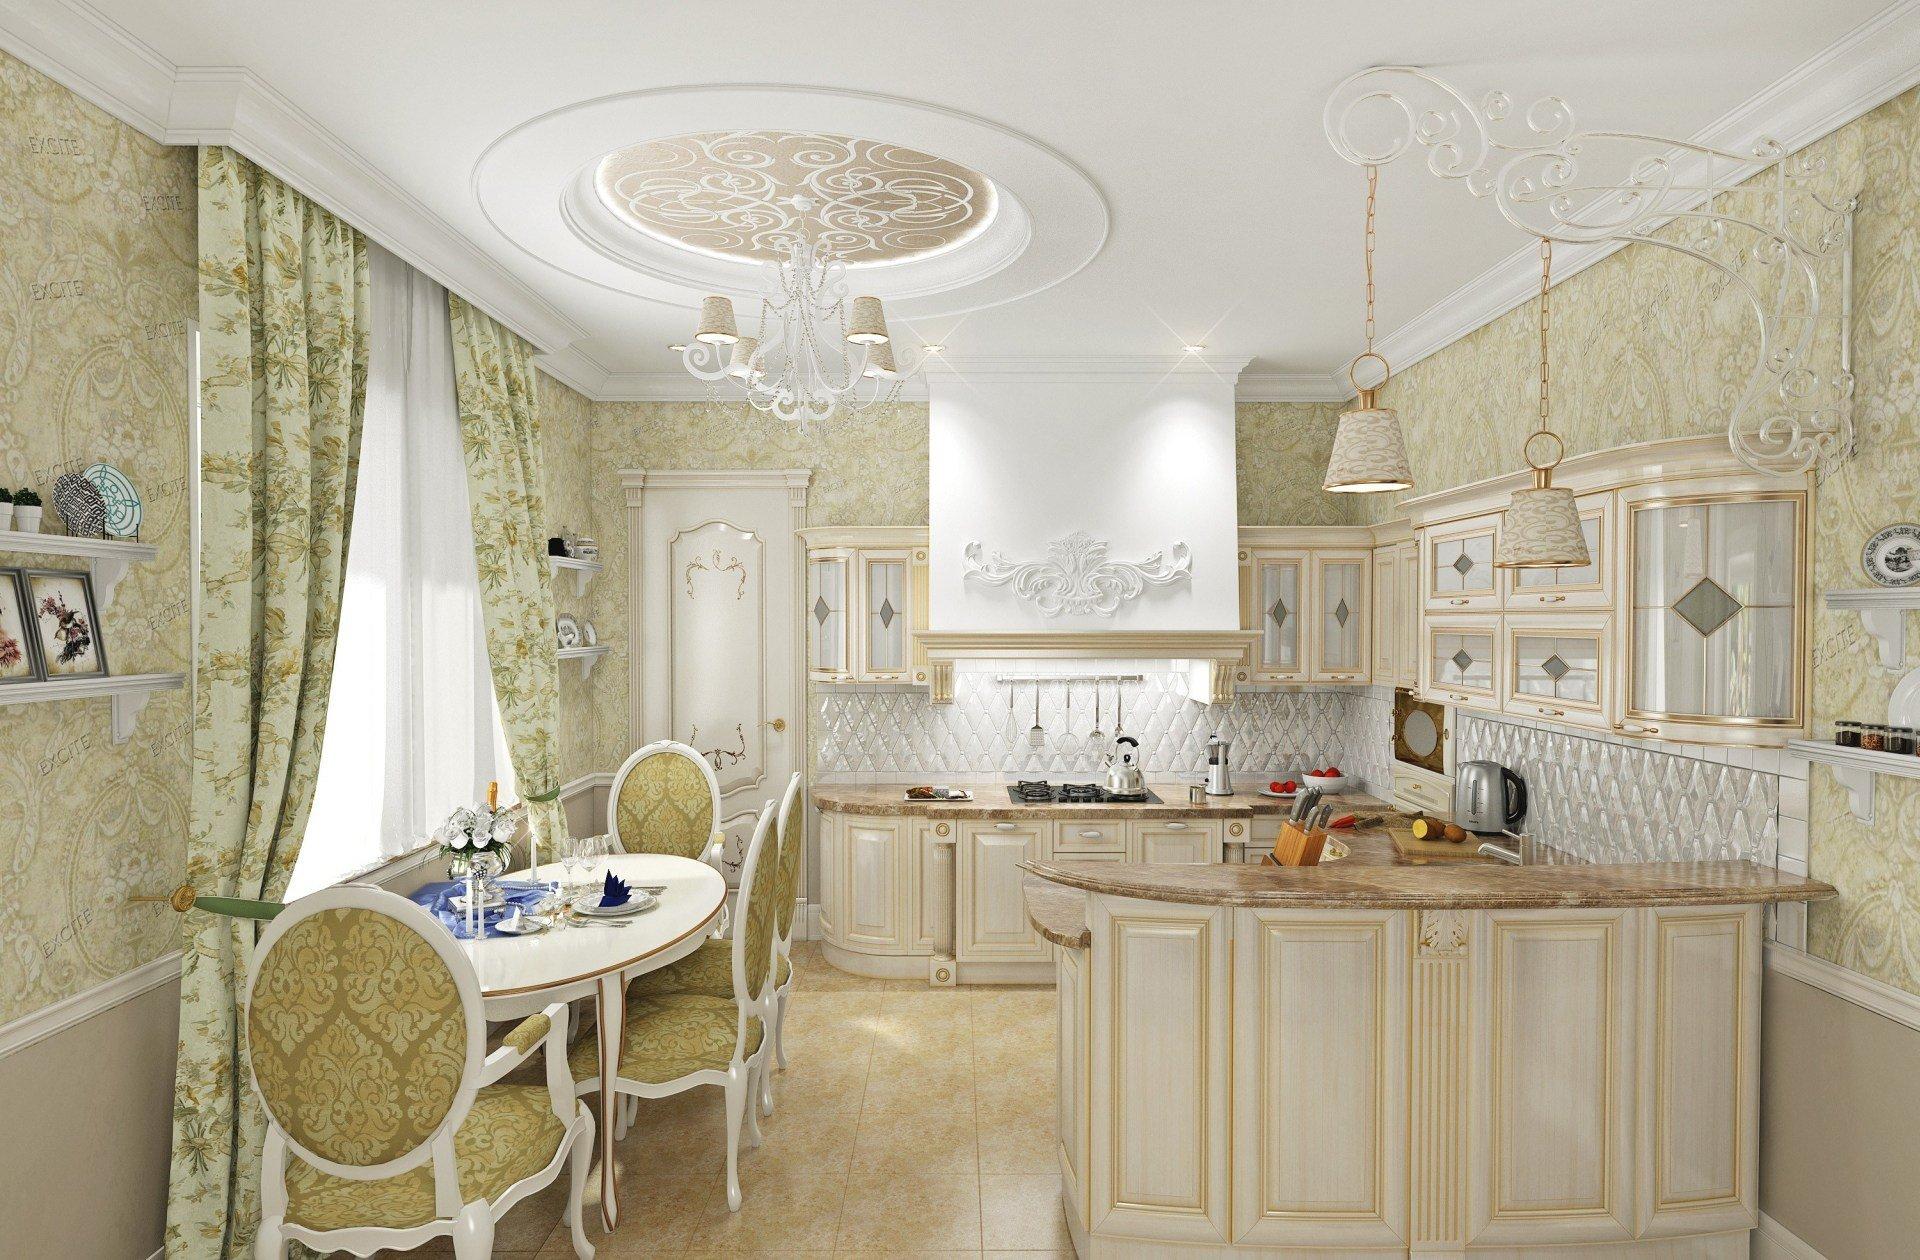 Дизайн интерьера кухни загородного дома в Классическом стиле с элементами прованса, светлая мебель с золочением, белая объемная плитка, кованый подвес над барной стойкой